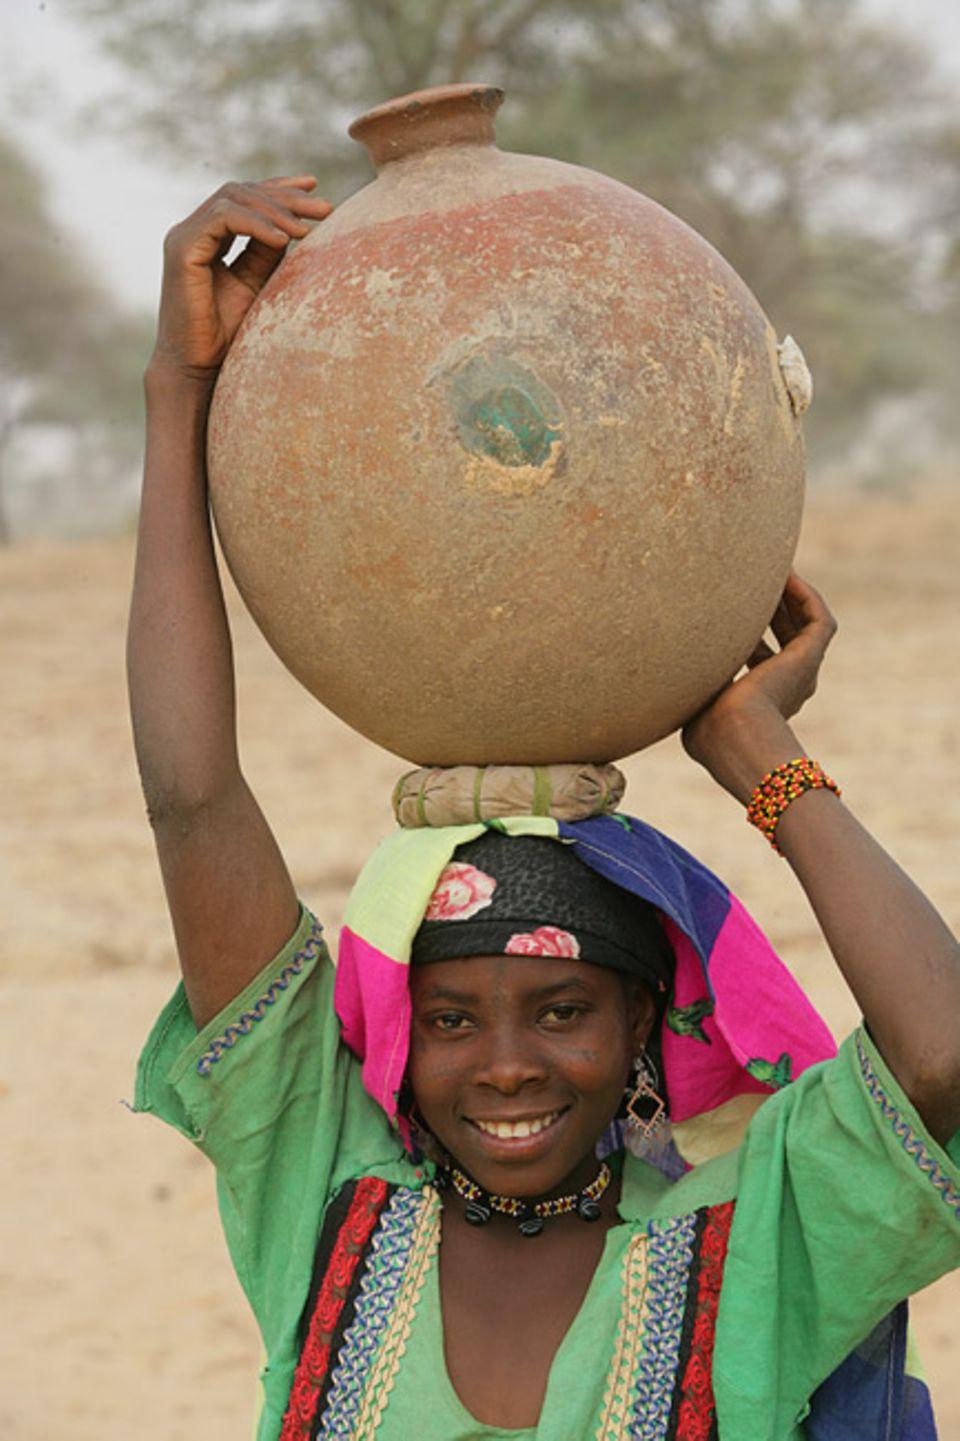 Frauenrechte: Die zehnjährige Djamilia aus Niger muss aus dem Nachbardorf Wasser holen.